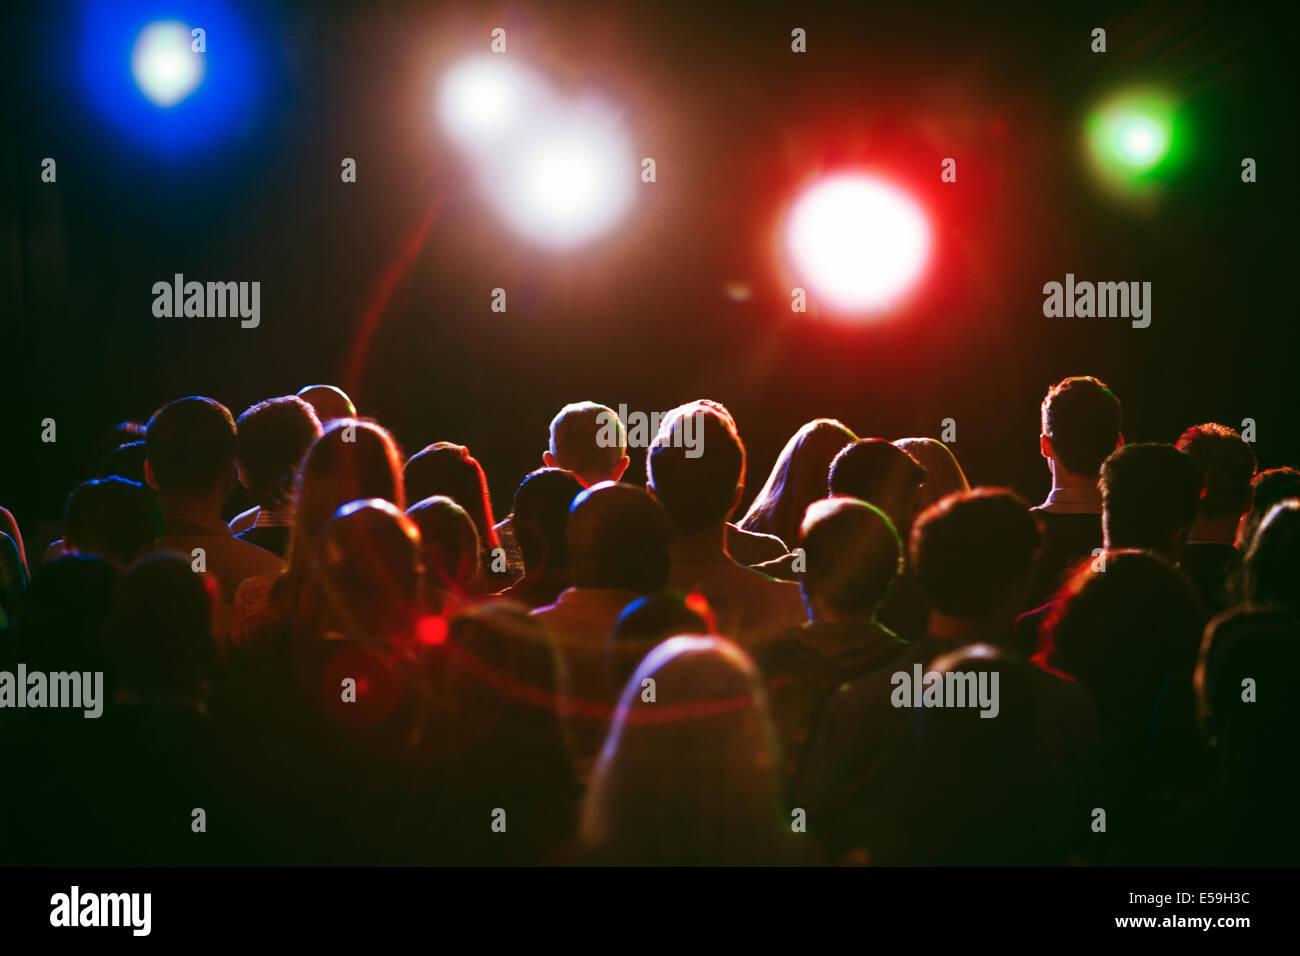 Multitud esperando concierto Imagen De Stock